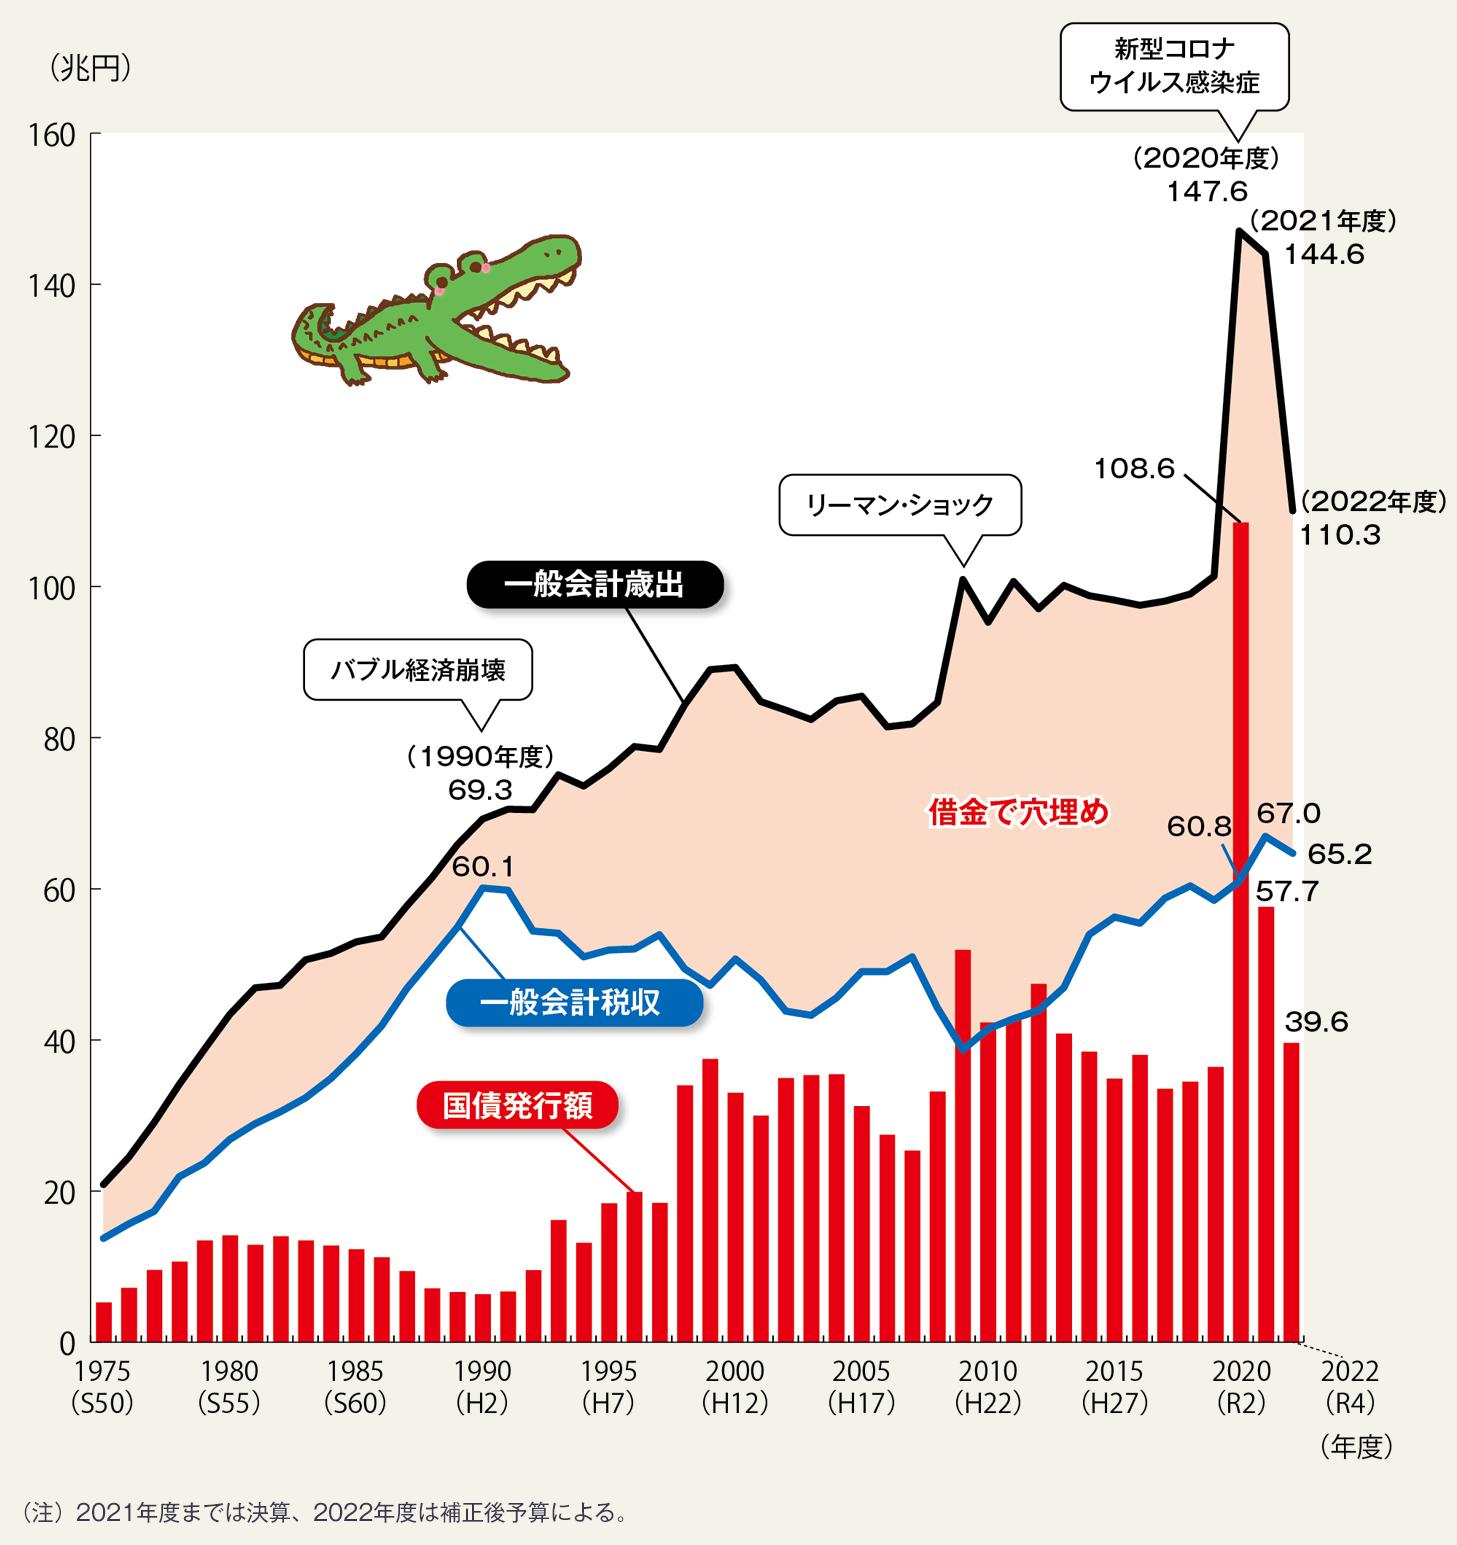 どのくらい借金に依存してきたのか 財務省